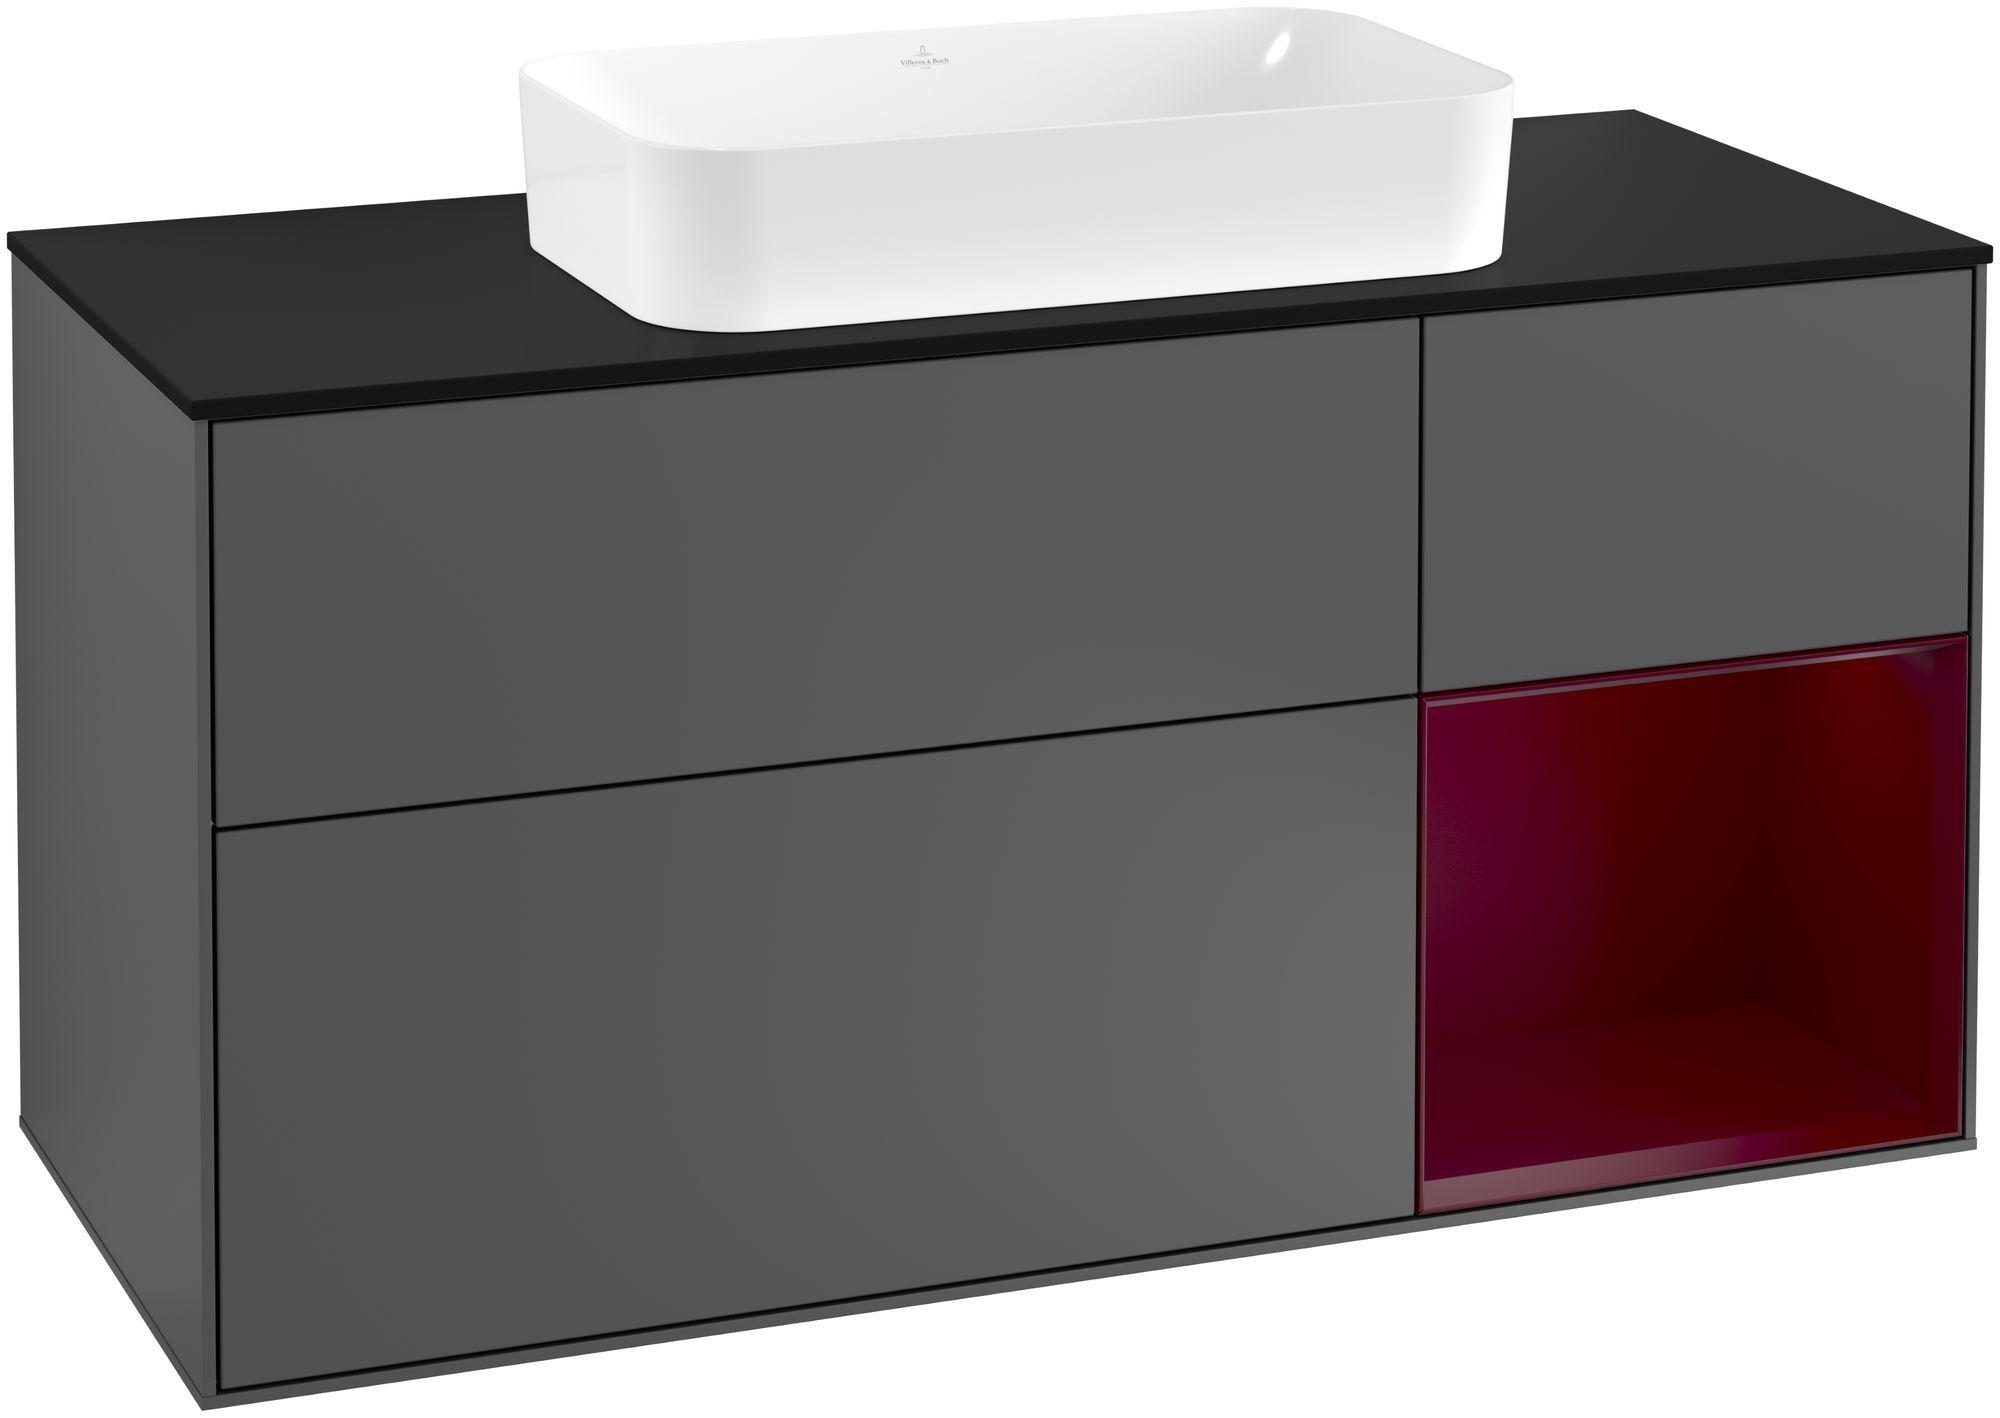 Villeroy & Boch Finion F30 Waschtischunterschrank mit Regalelement 3 Auszüge Waschtisch mittig LED-Beleuchtung B:120xH:60,3xT:50,1cm Front, Korpus: Anthracite Matt, Regal: Peony, Glasplatte: Black Matt F302HBGK